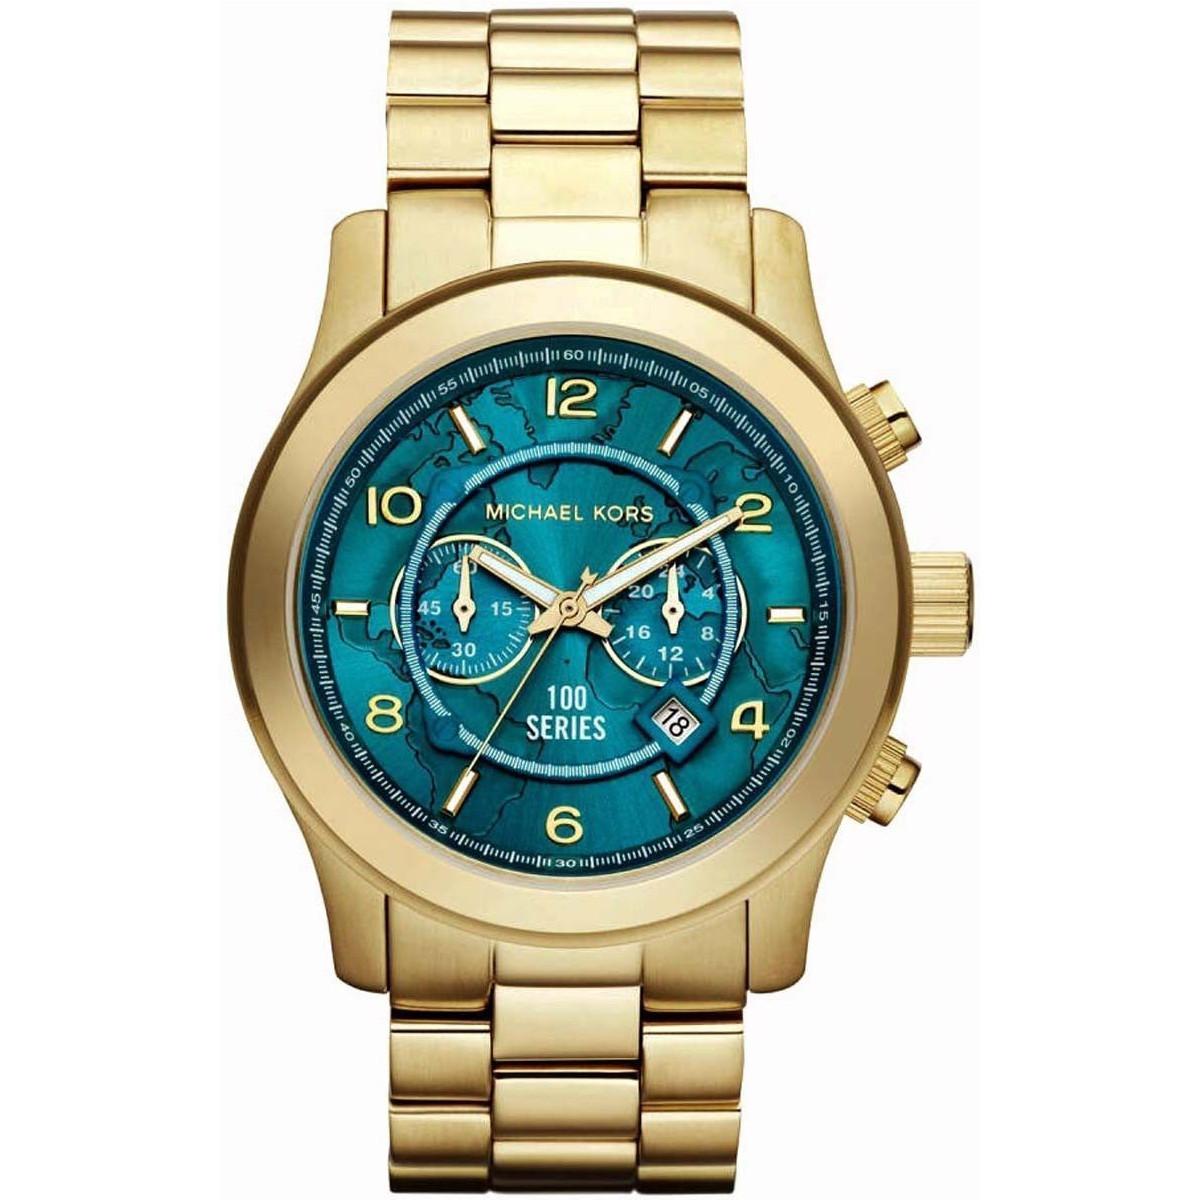 Michael Kors 人気のターコイズ腕時計 MK8315